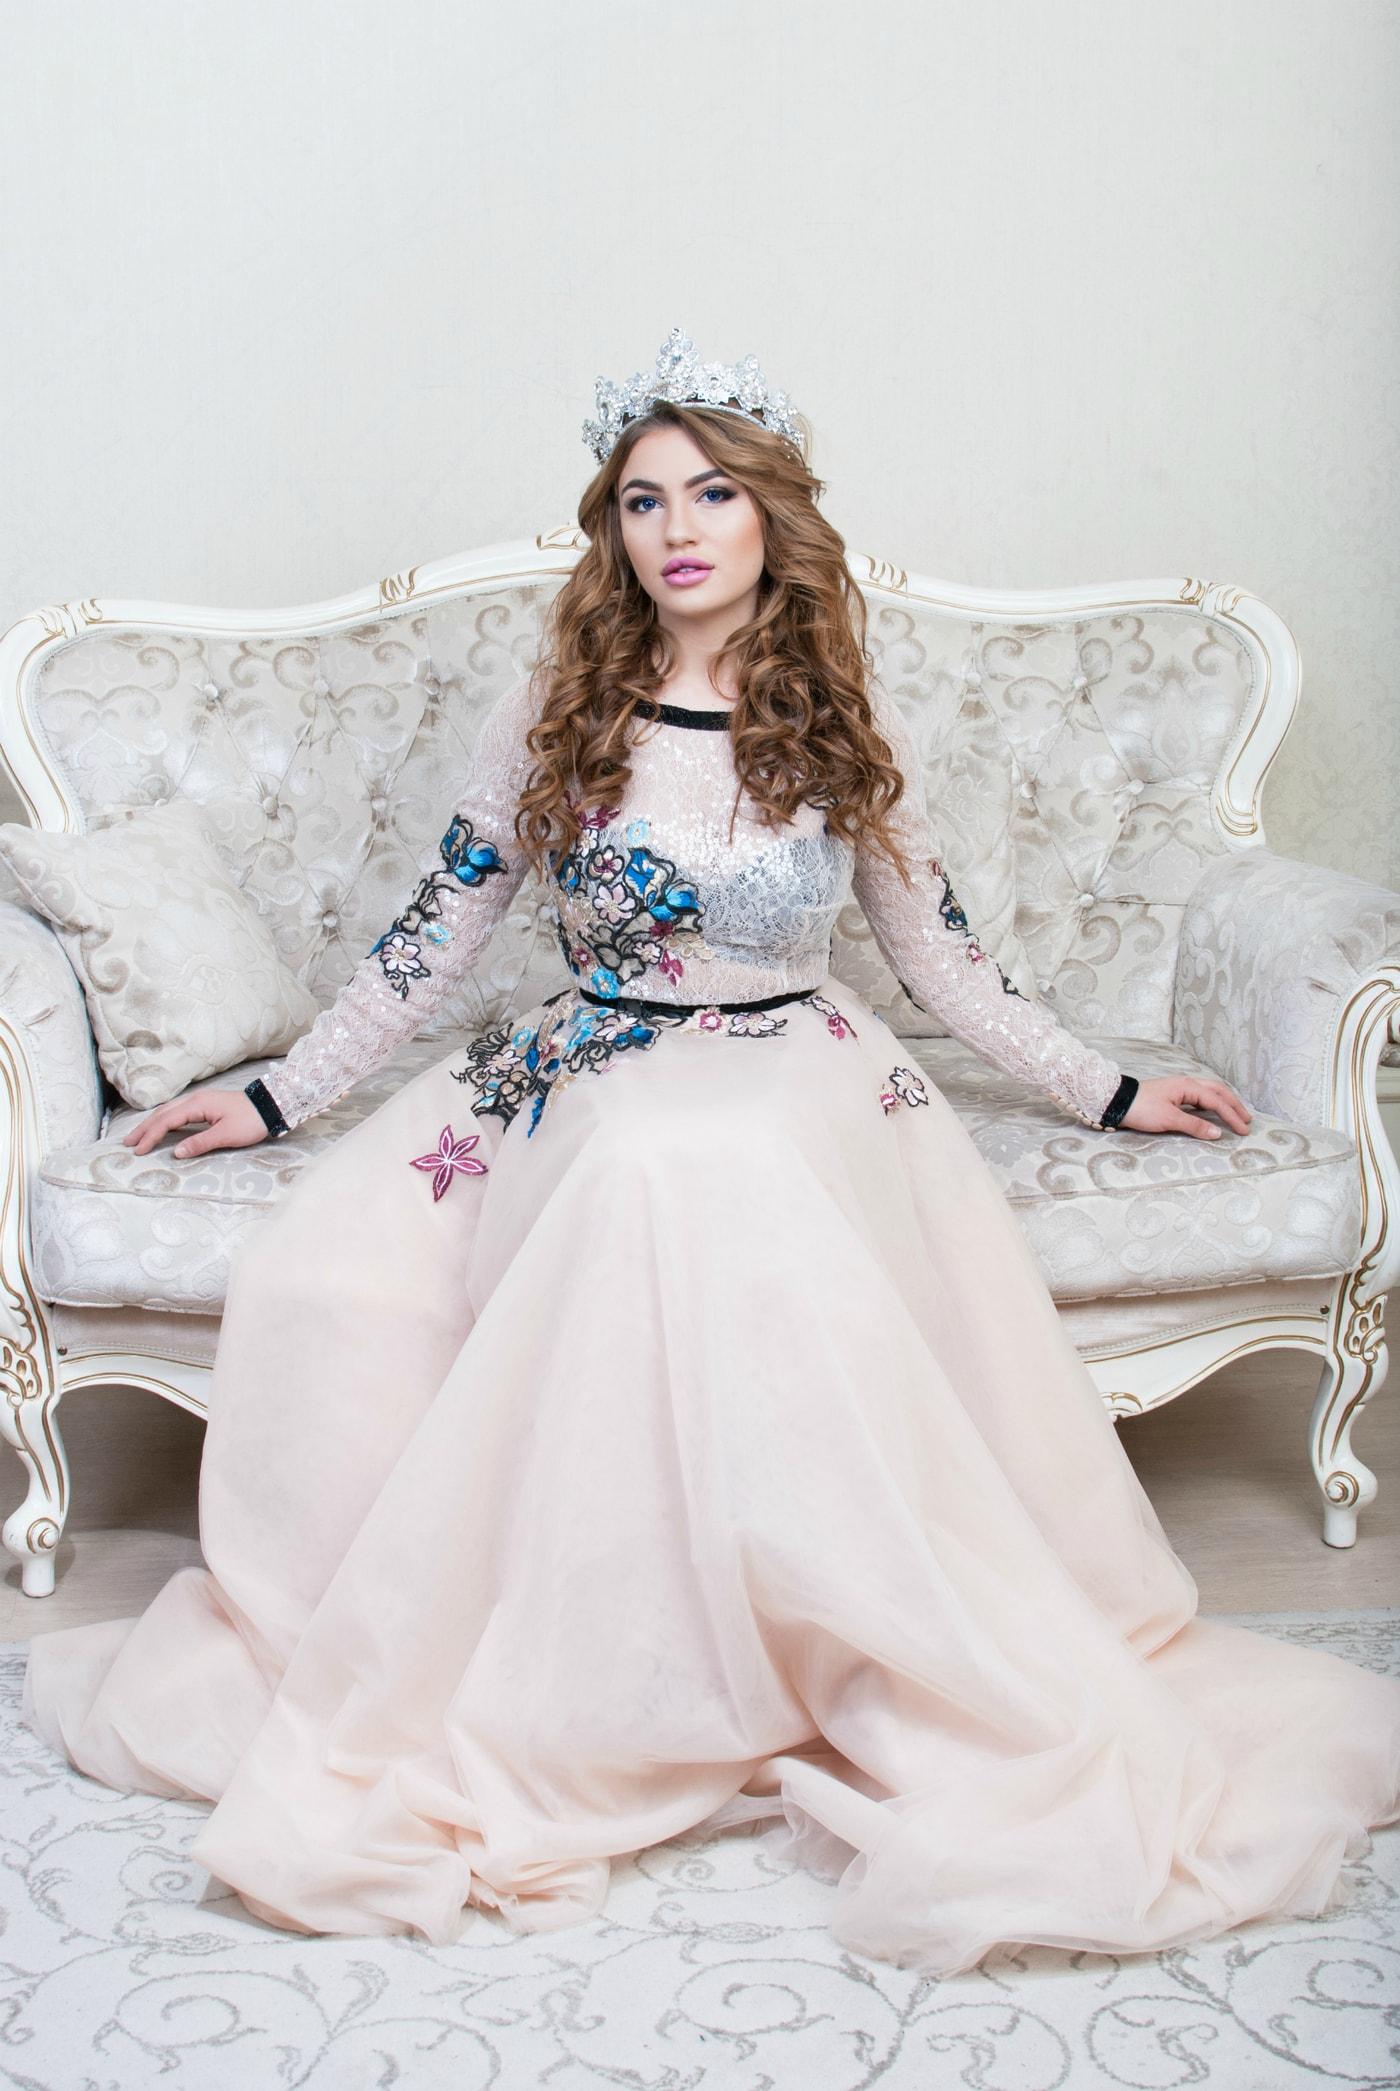 Девушка на диване - фотограф Женя Лайт